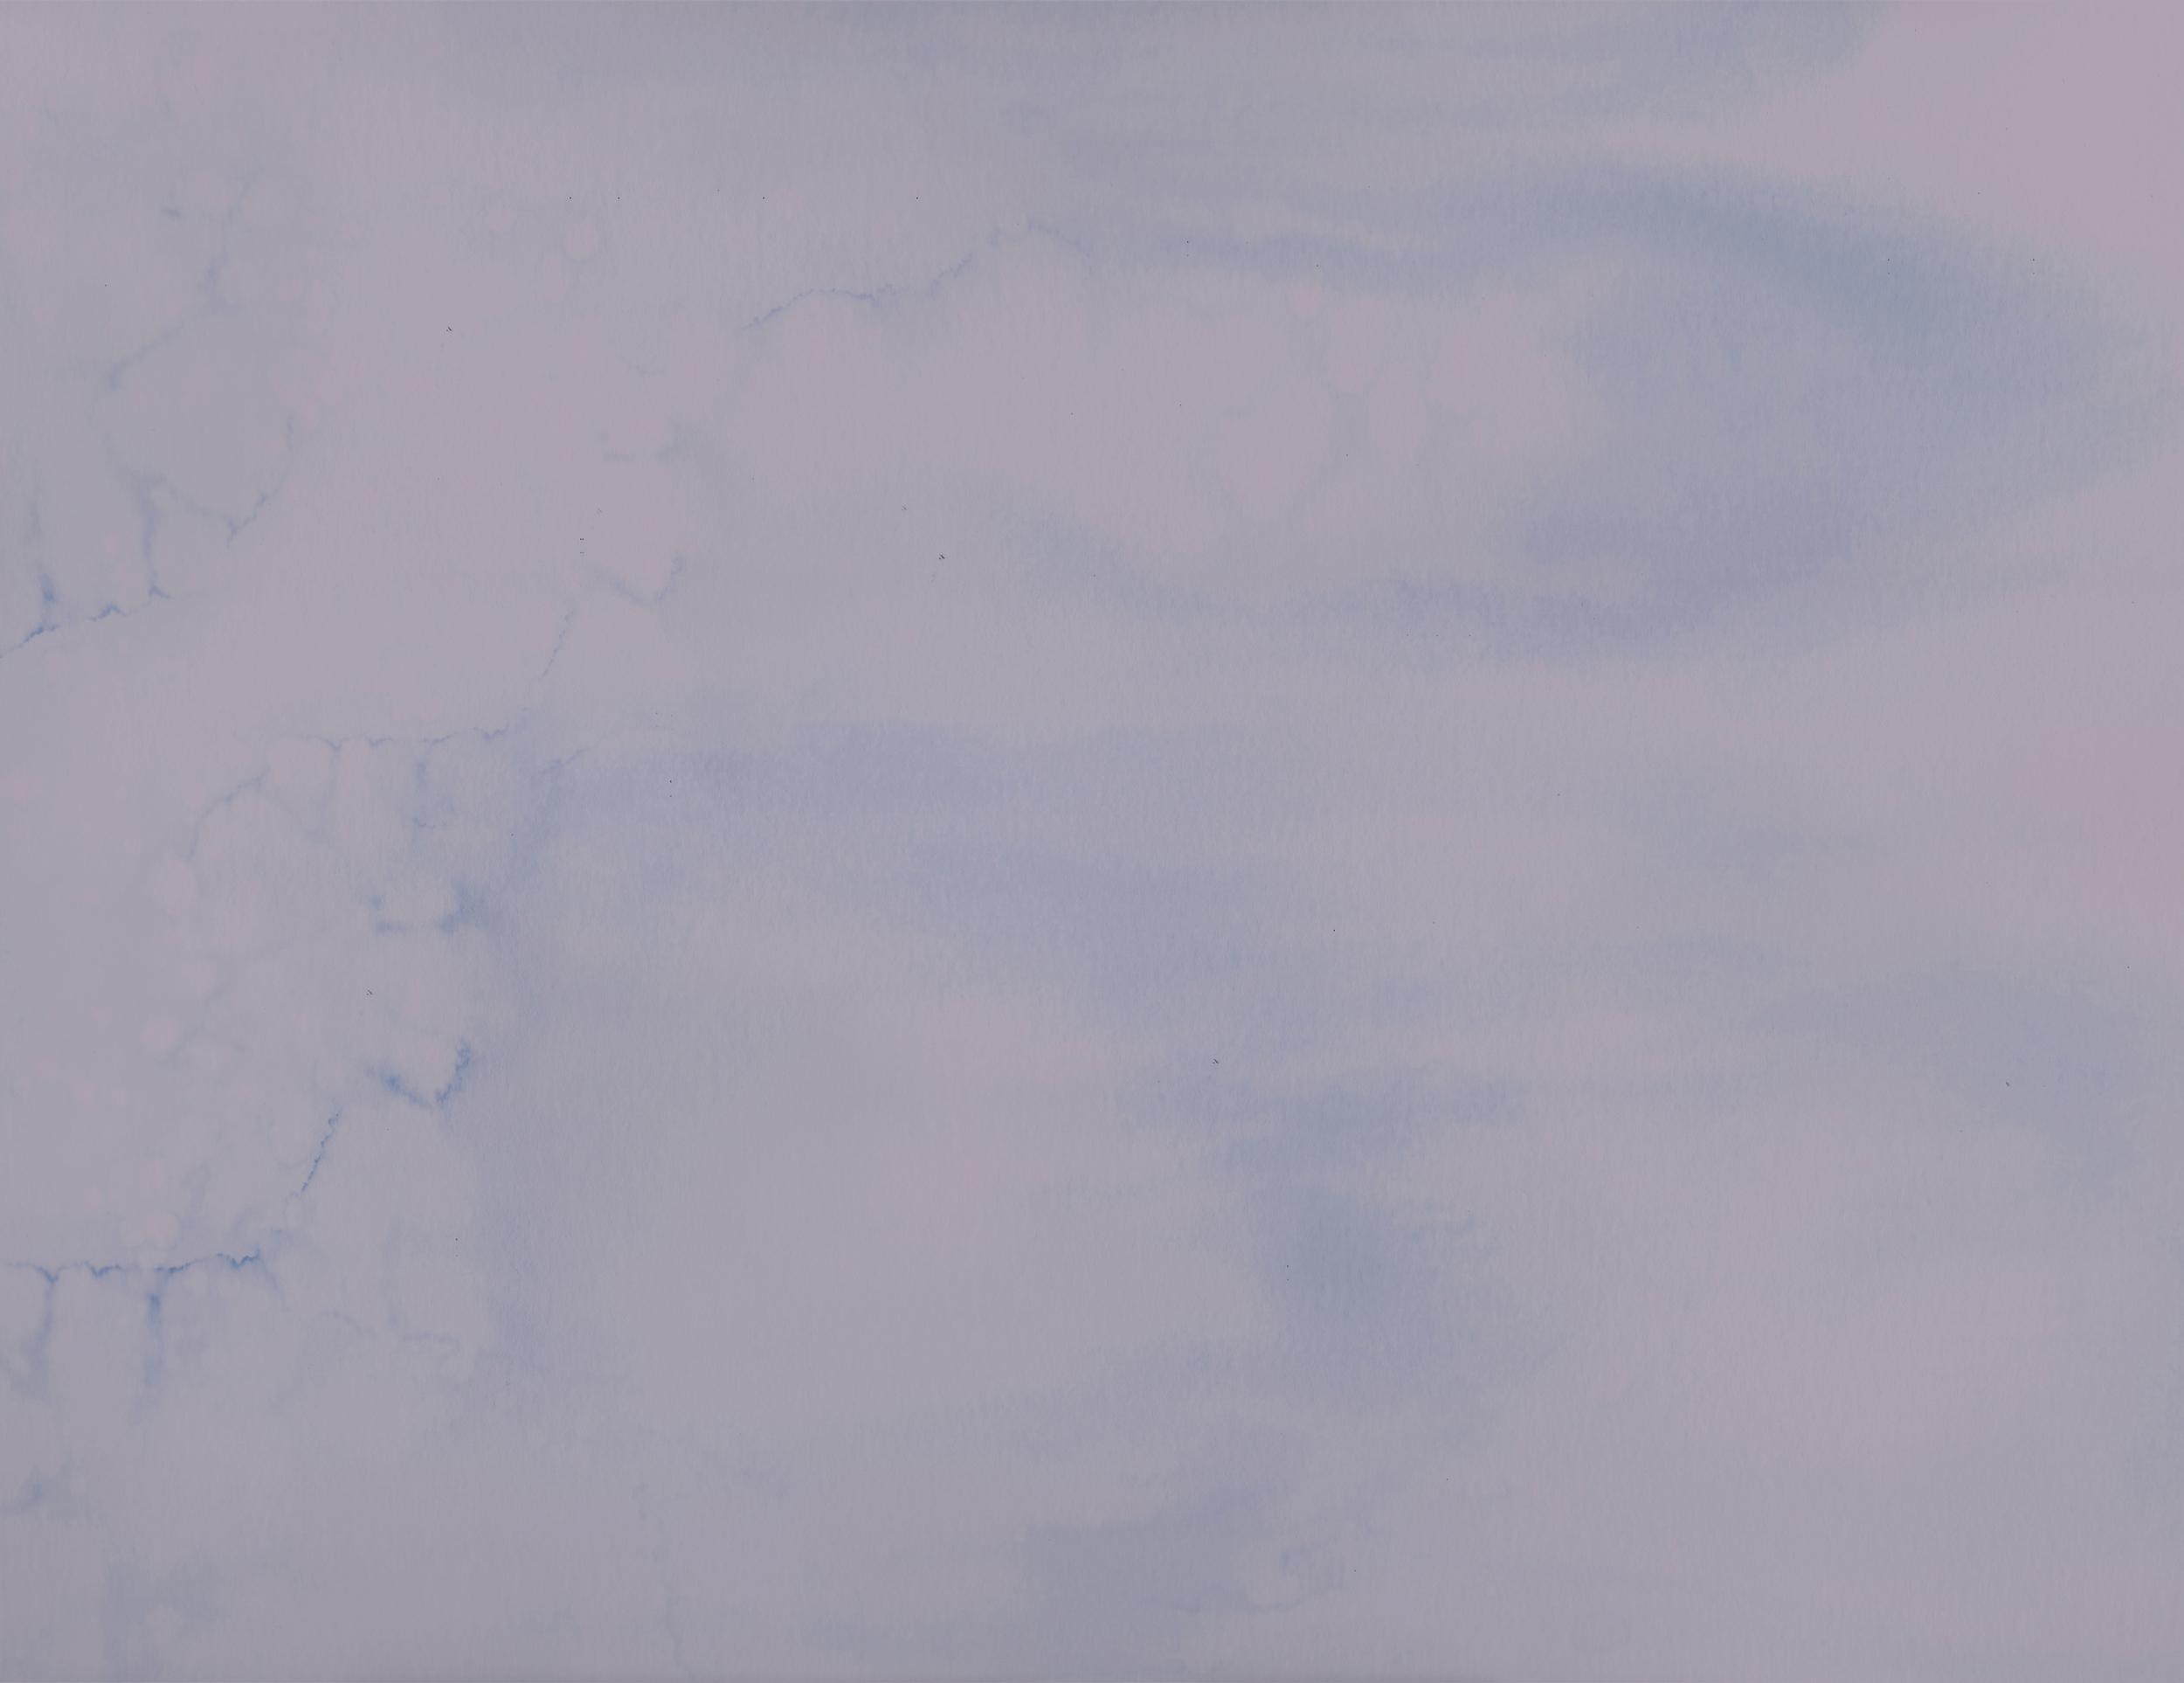 Hazy Background